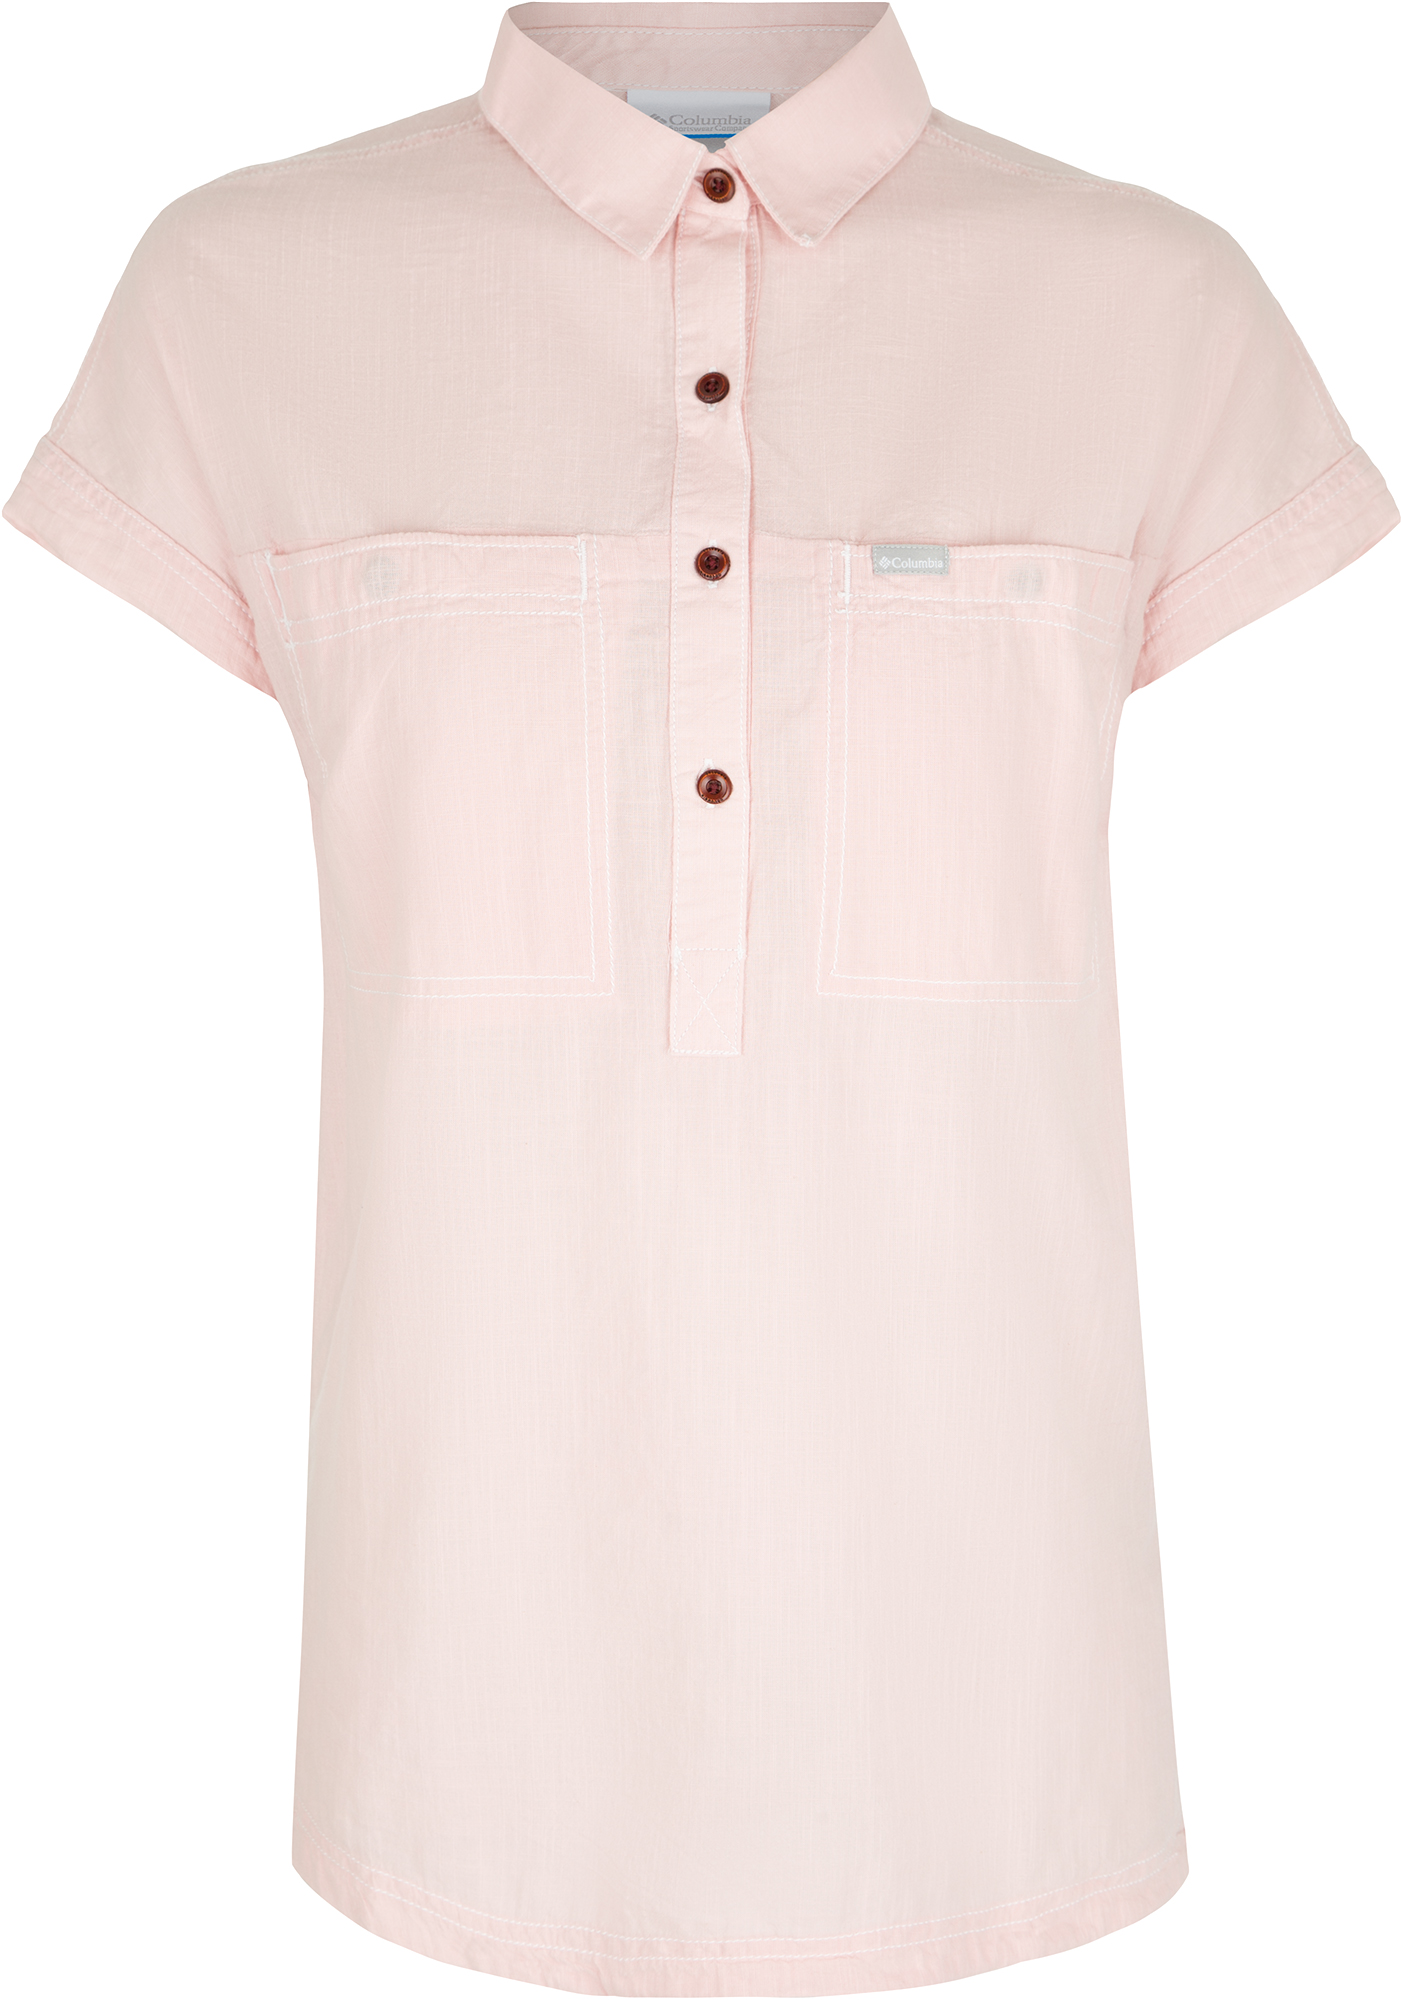 Columbia Рубашка женская Columbia Pinnacle Peak Popover, размер 50